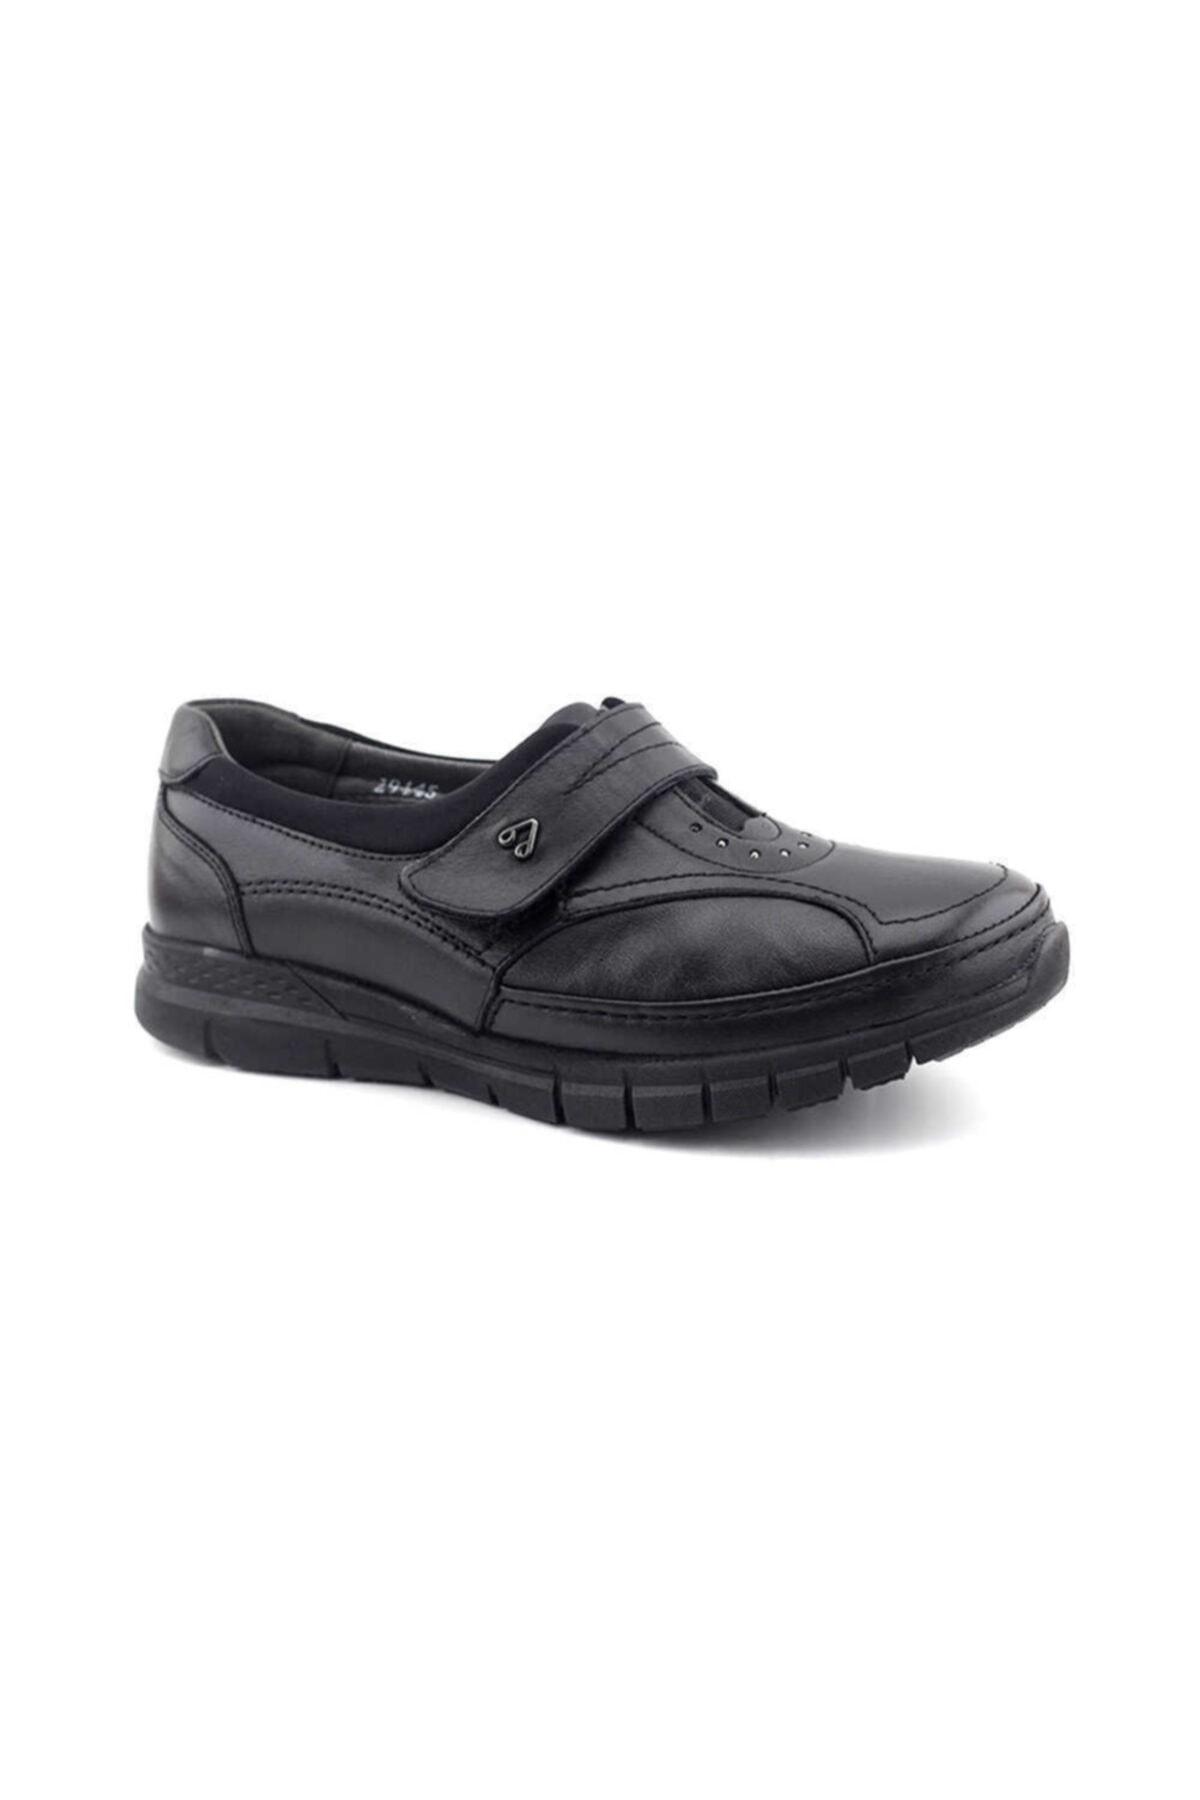 Forelli 29445 Kadın Siyah Deri Kemik Çıkıntısına Özel Ayakkabı 2